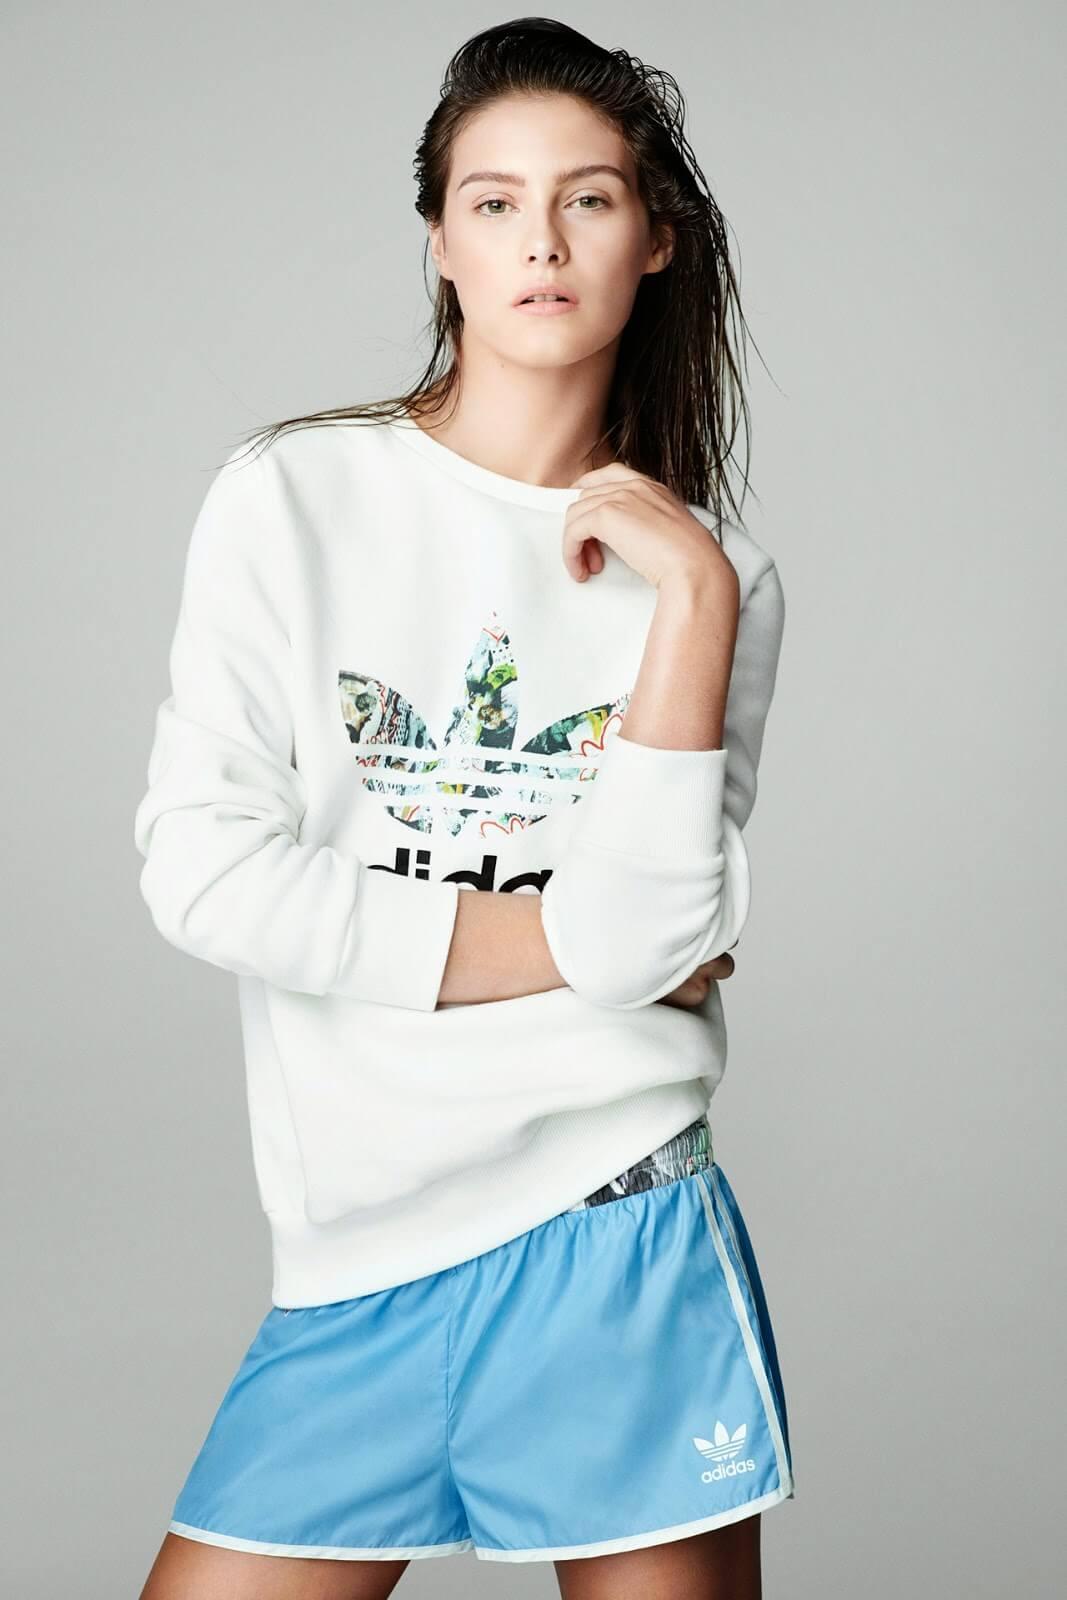 Adidas-Originals-Top-Shop-6